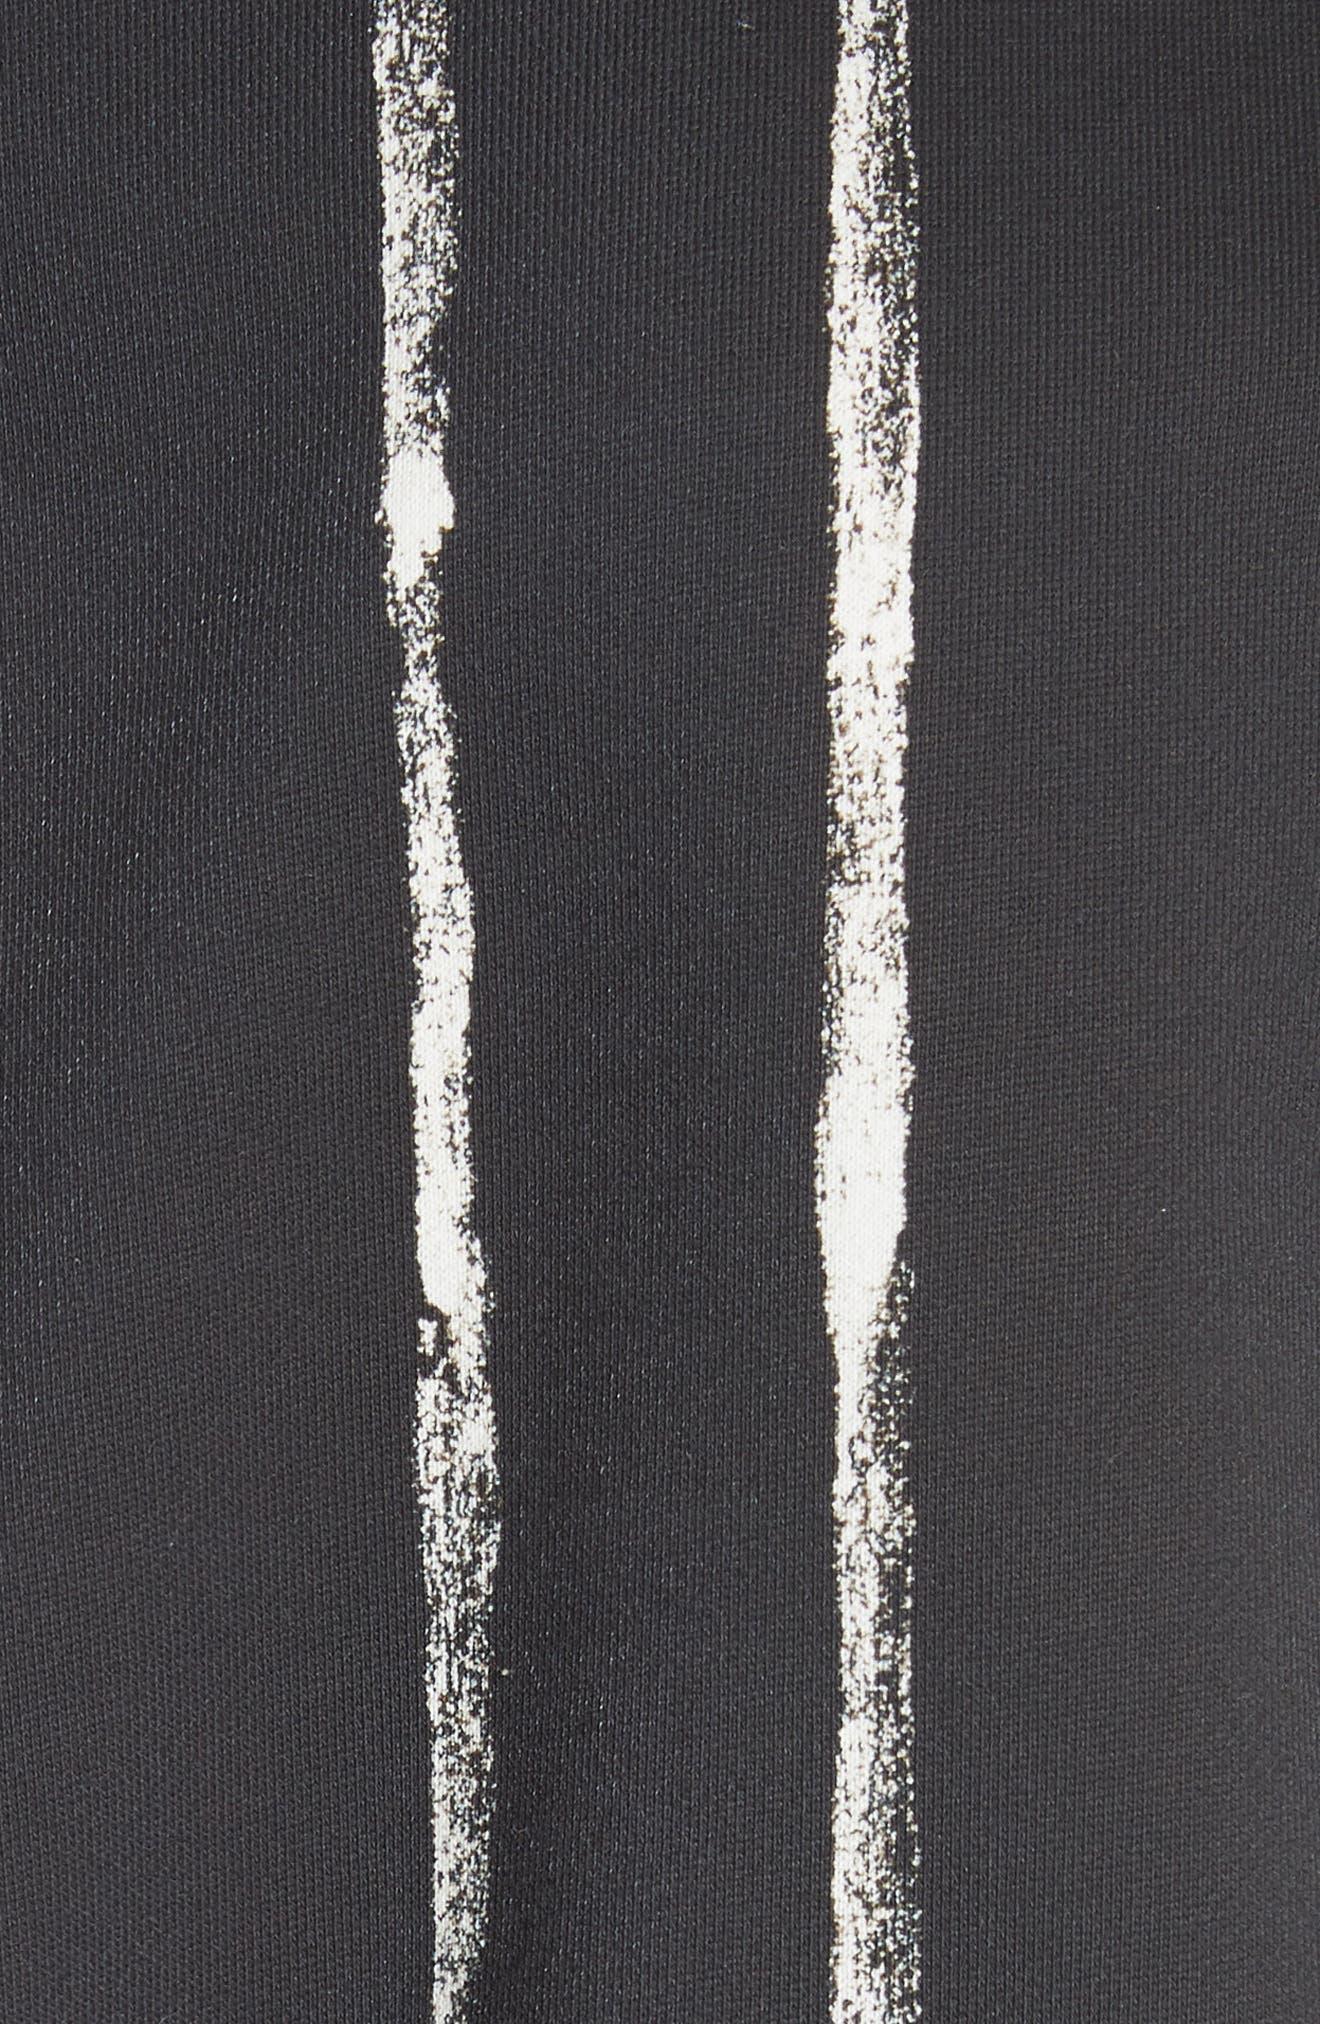 Paint Stripe Crewneck Sweatshirt,                             Alternate thumbnail 5, color,                             001